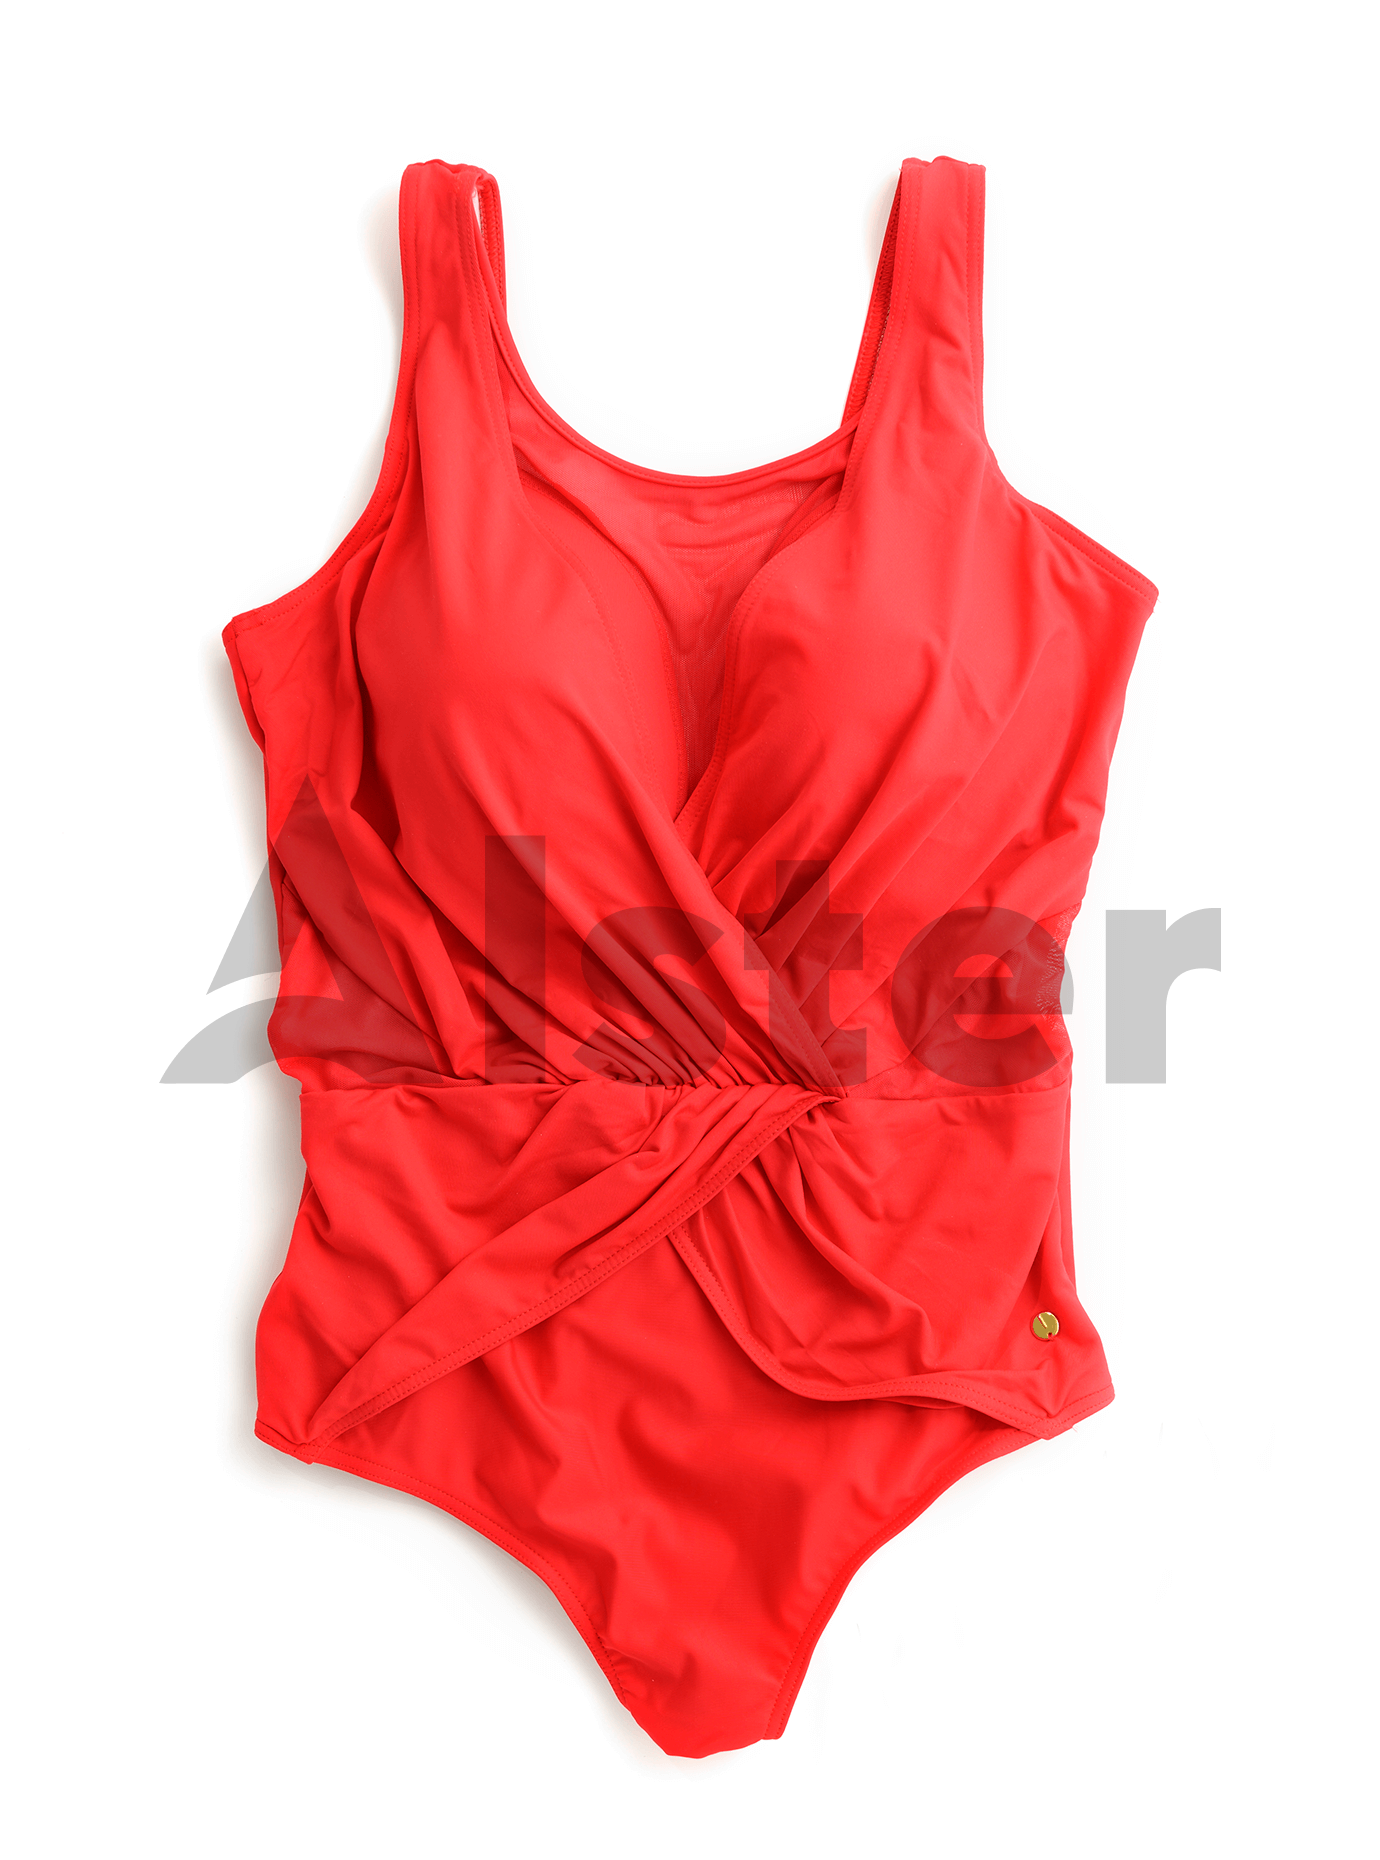 Сдельный купальник с драпировкой Красный XL (01-K190345): фото - Alster.ua